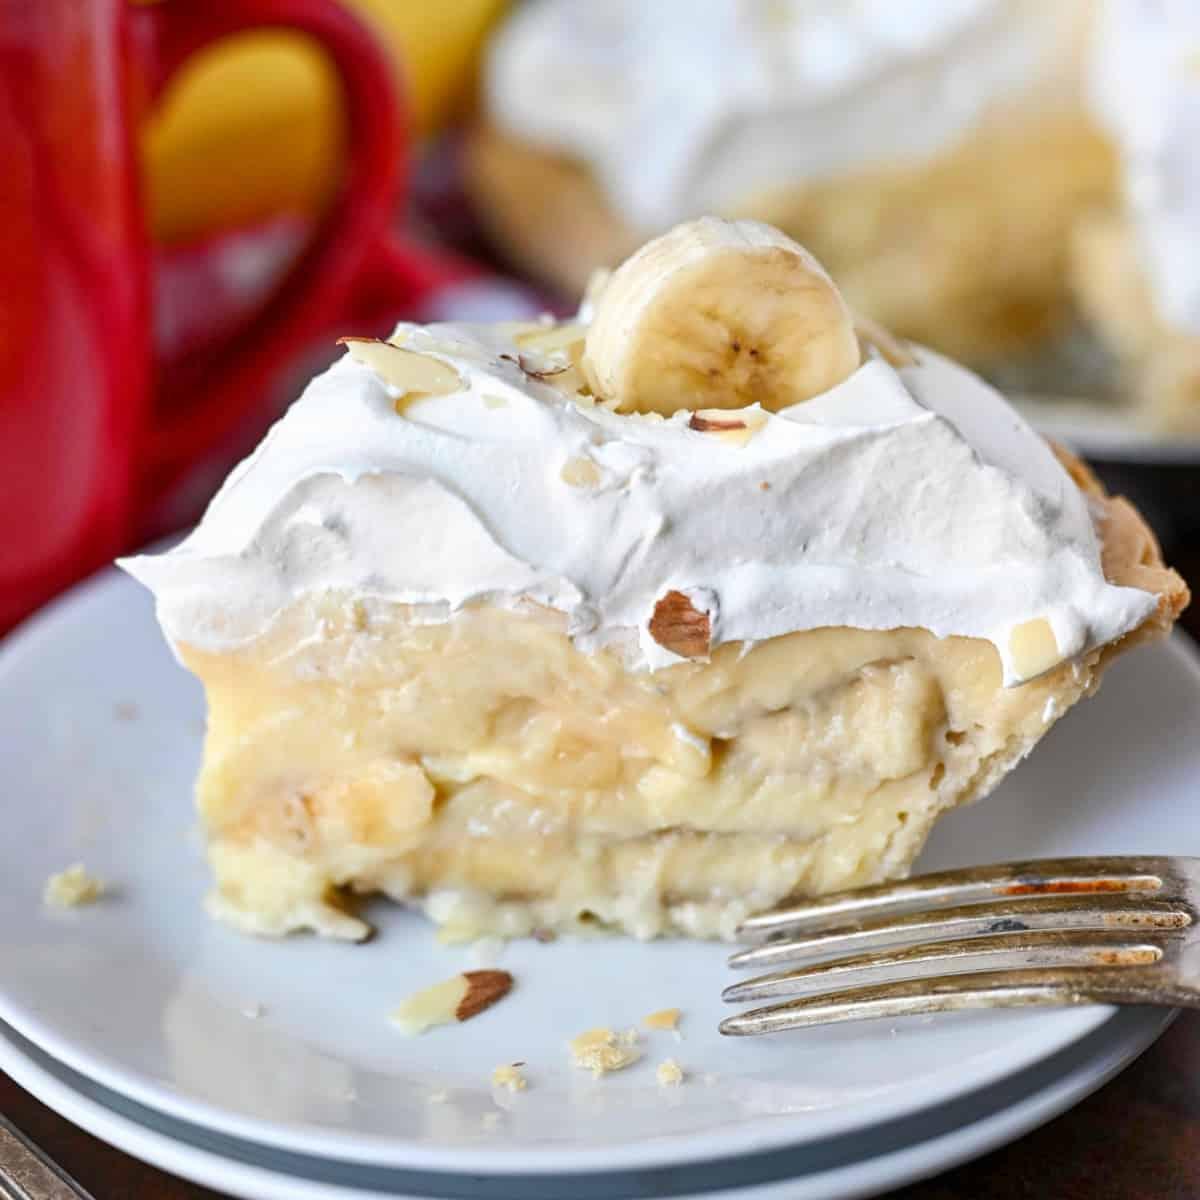 Pie: Banana Cream